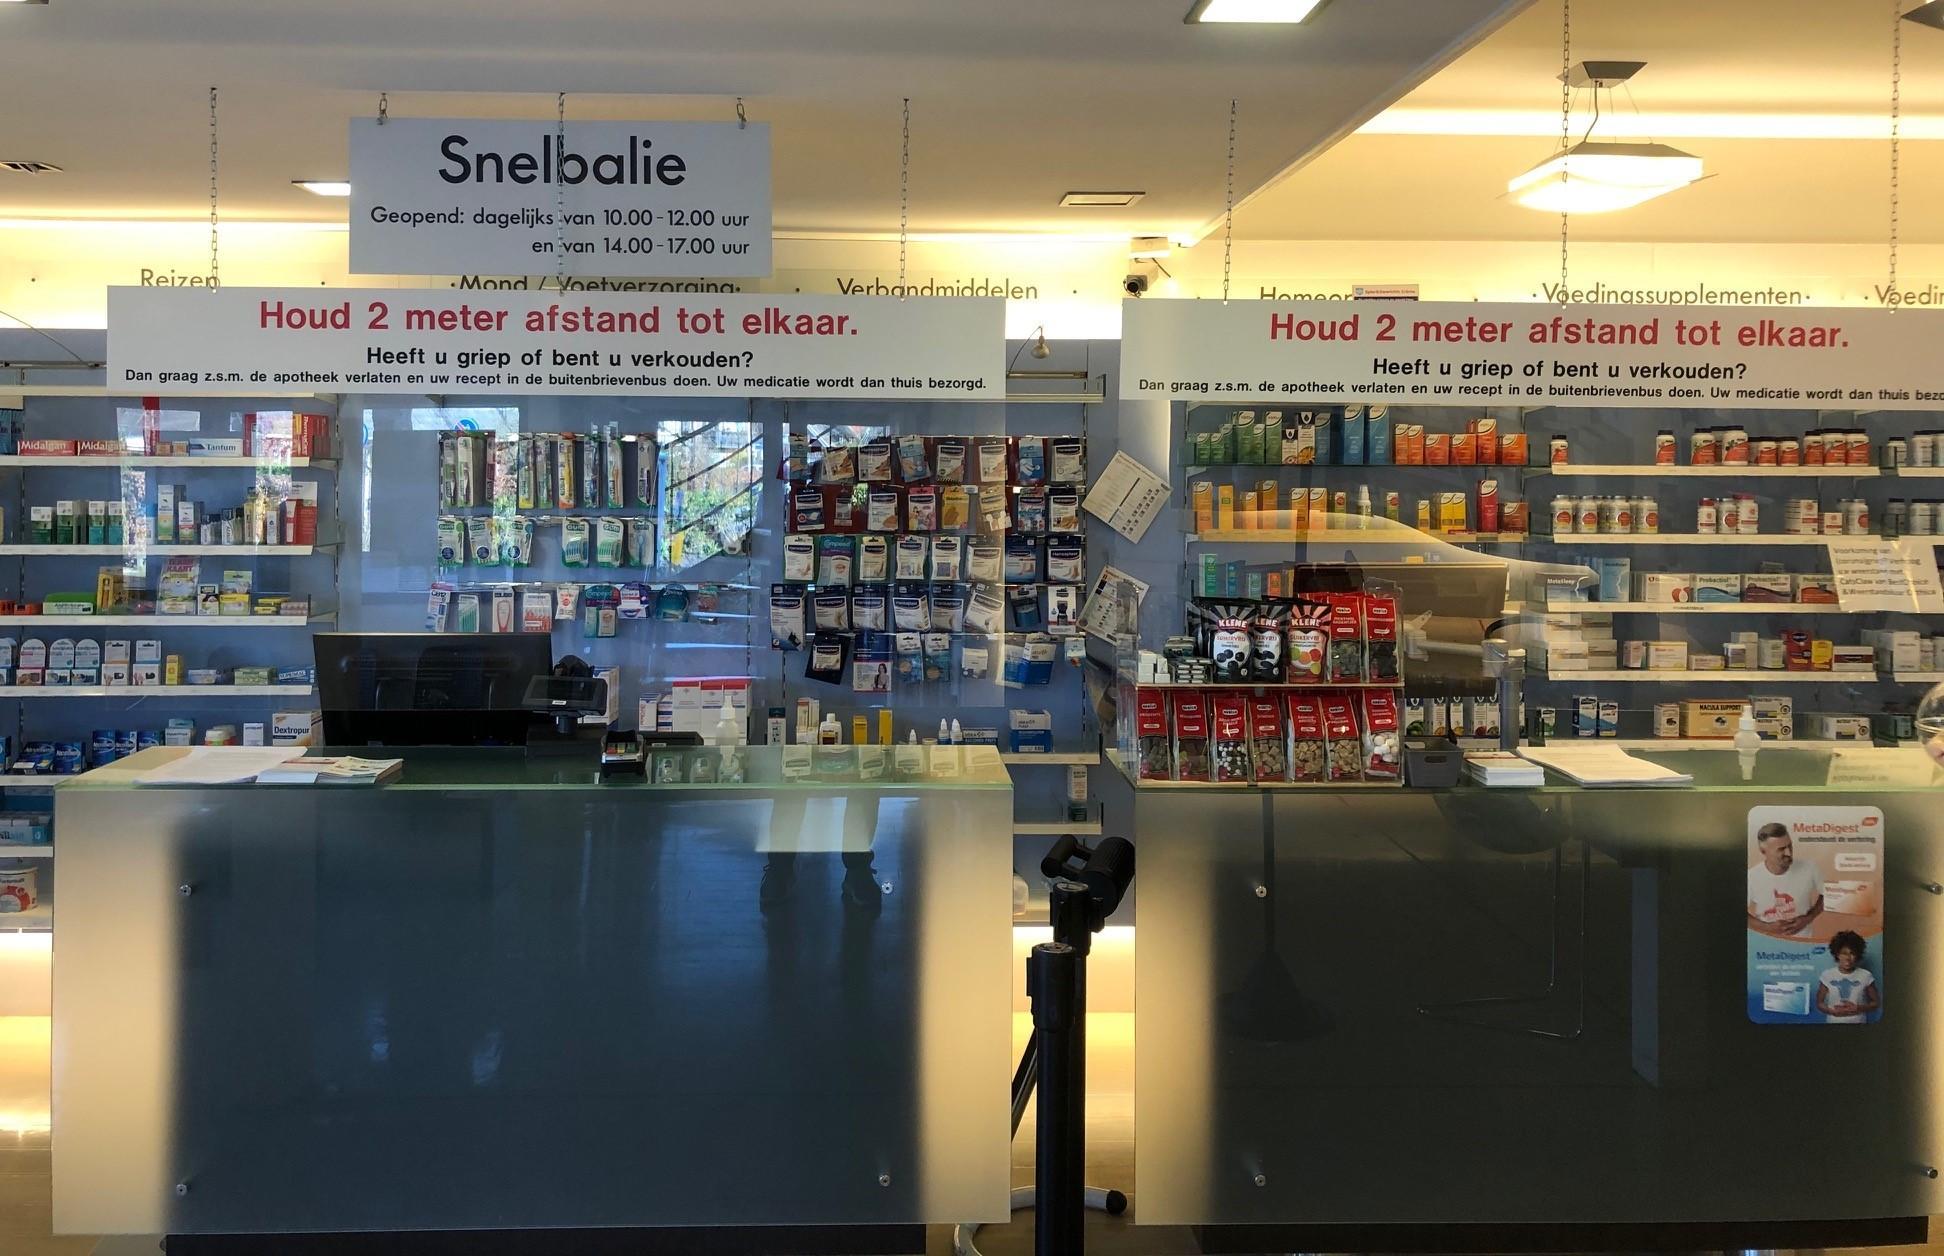 'De apotheek mag nooit dicht', Gooise apothekers bedenken creatieve maatregelen om gezond te blijven: cliënten helpen achter loket van plexiglas, medicijnen thuisbezorgen, pillen via uitgifte-automaat